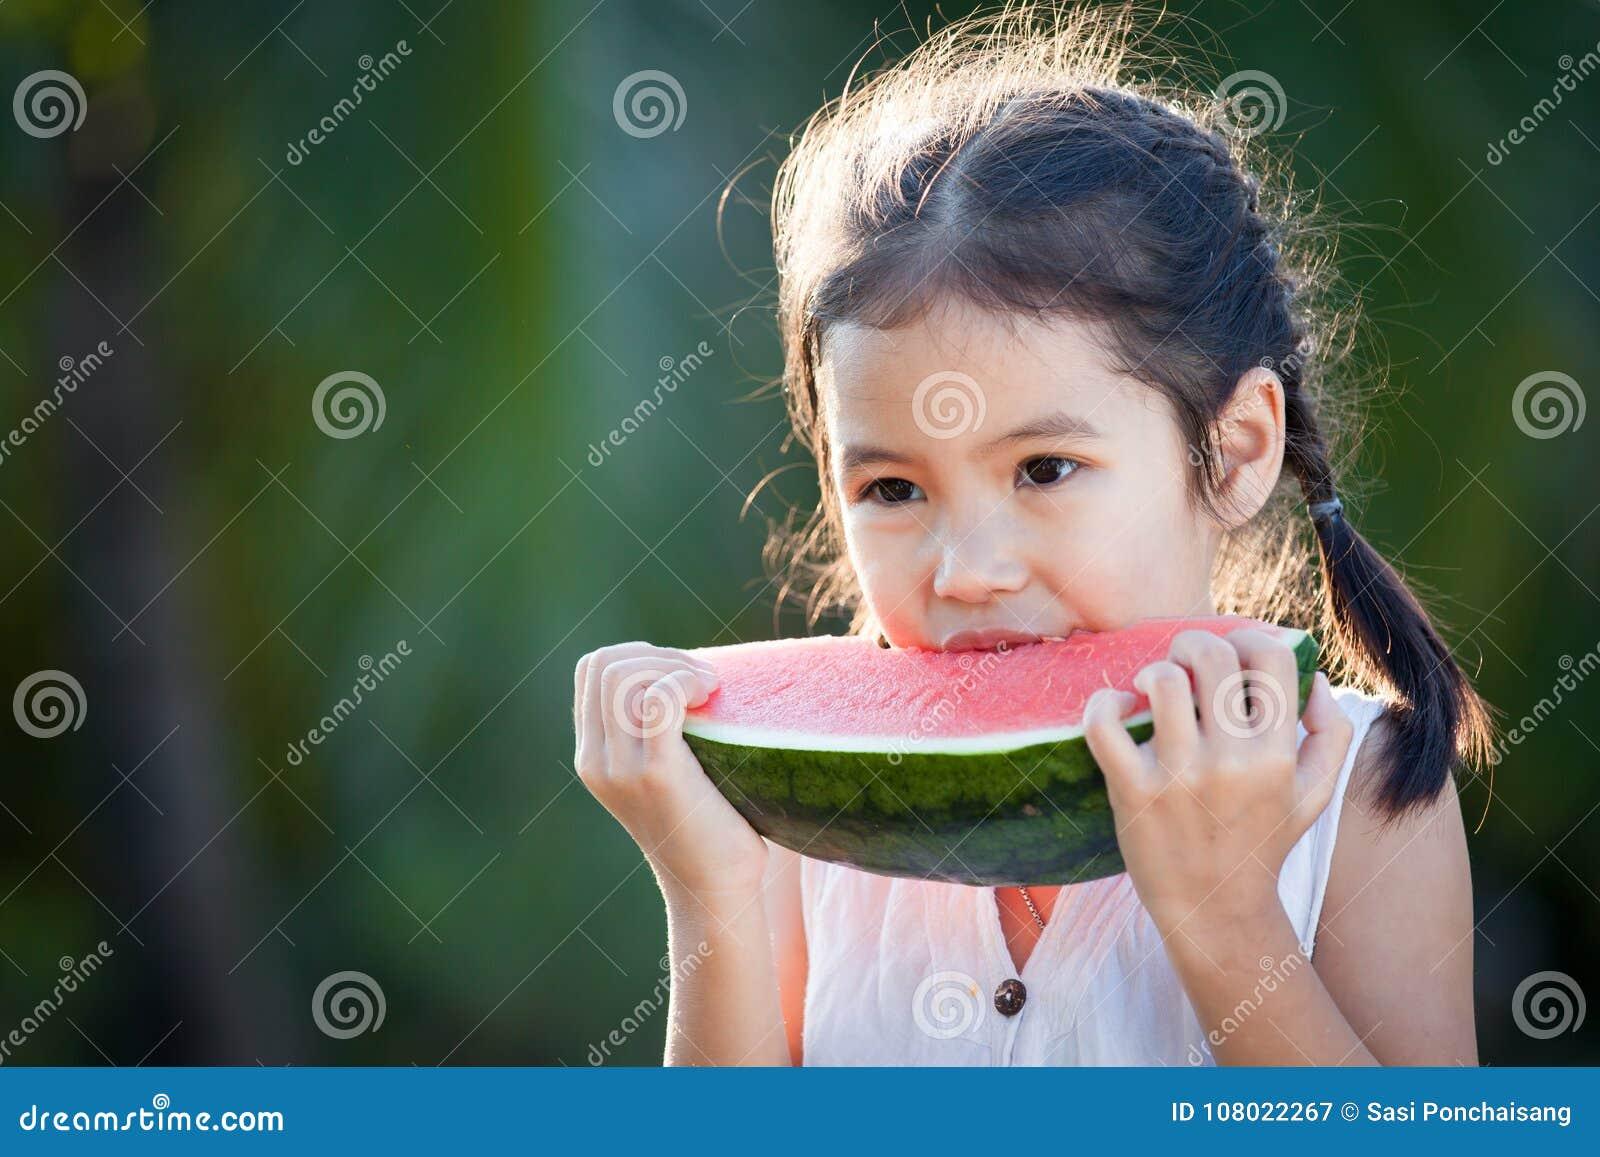 吃西瓜新鲜水果的逗人喜爱的亚裔小孩女孩